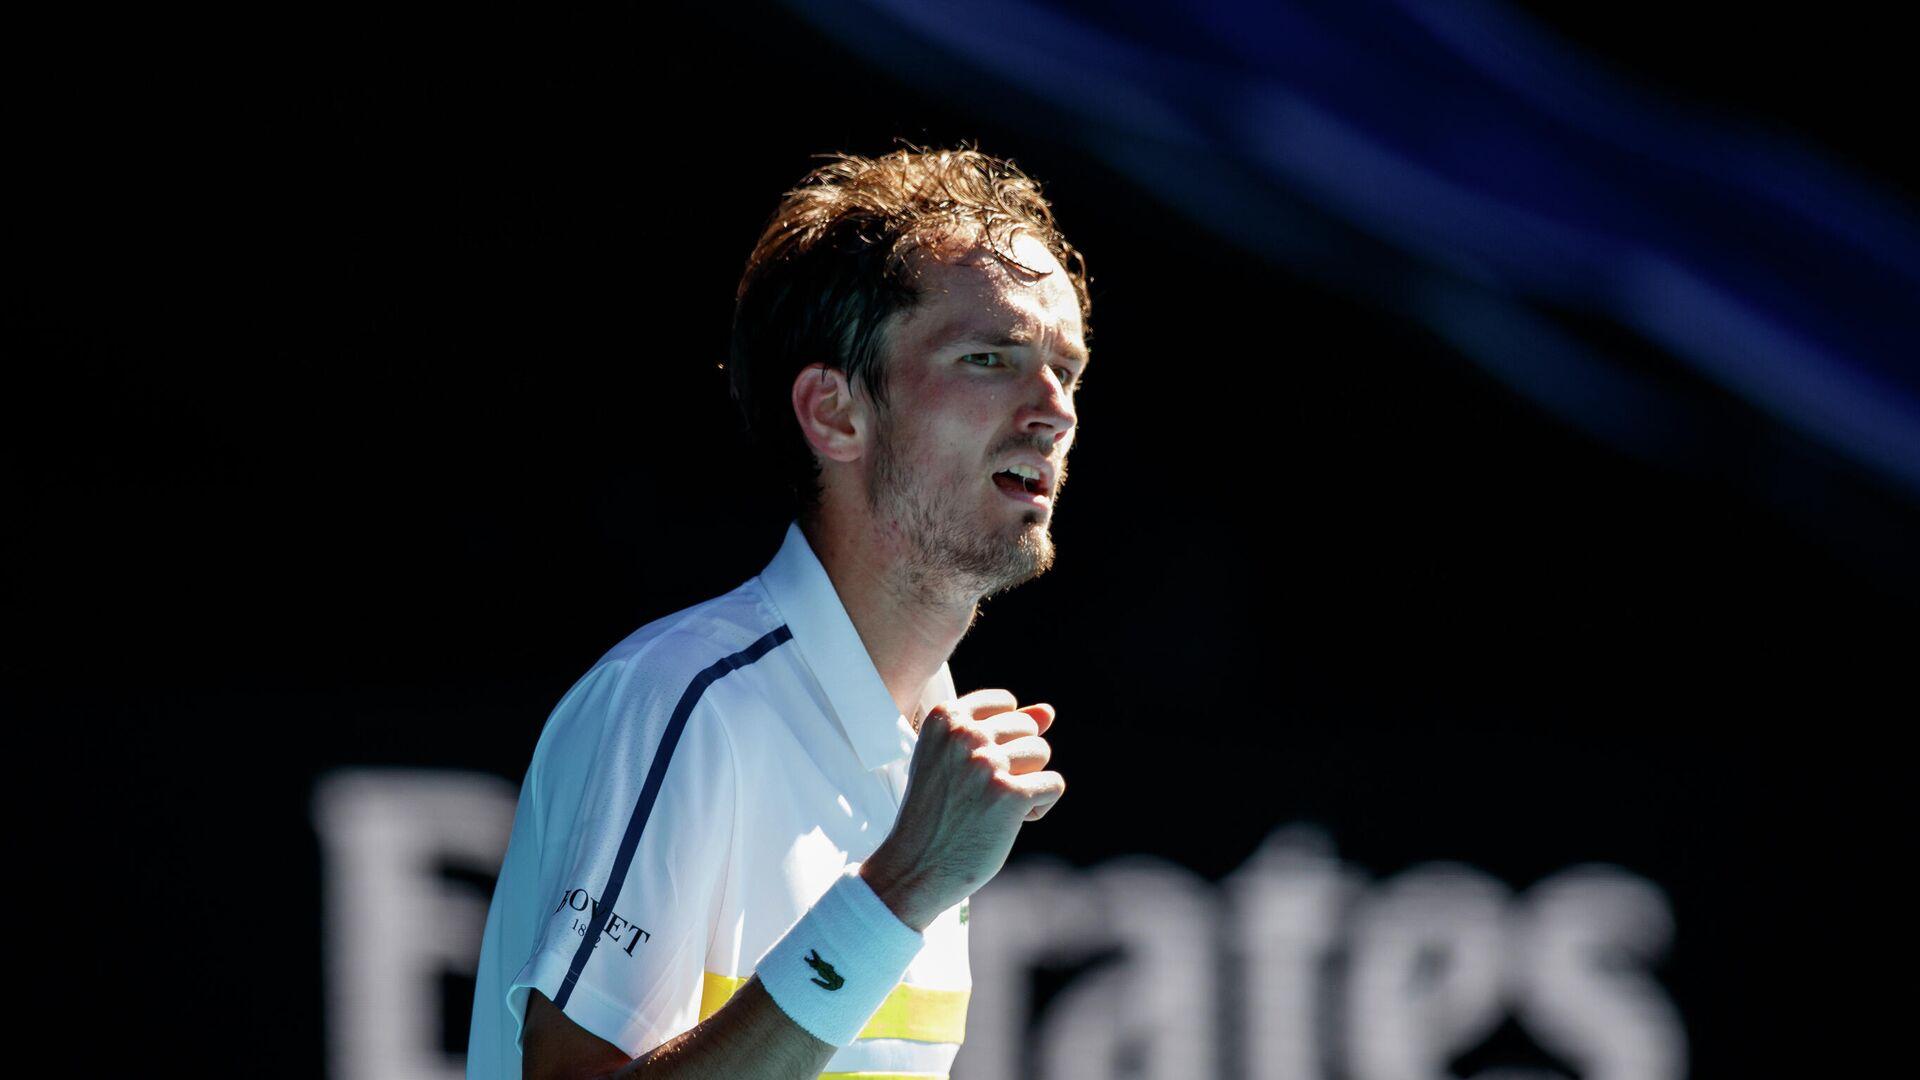 Даниил Медведев в четвертьфинальном матче Открытого чемпионата Австралии 2021 (Australian Open 2021) - РИА Новости, 1920, 23.07.2021